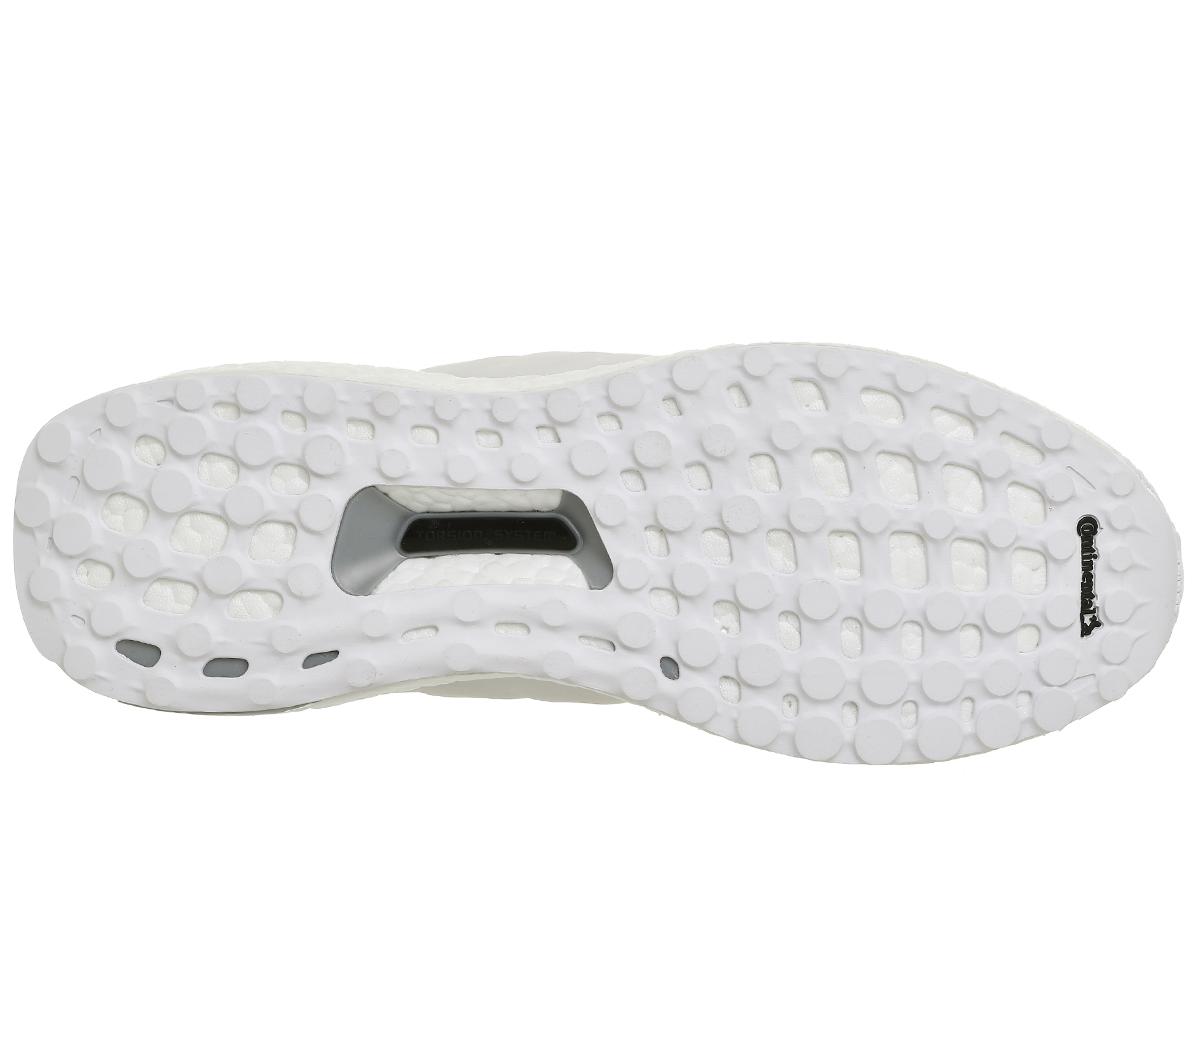 Herren Adidas Ultra Boost Weiß Weiß MONO Trainers Schuhes f30afc